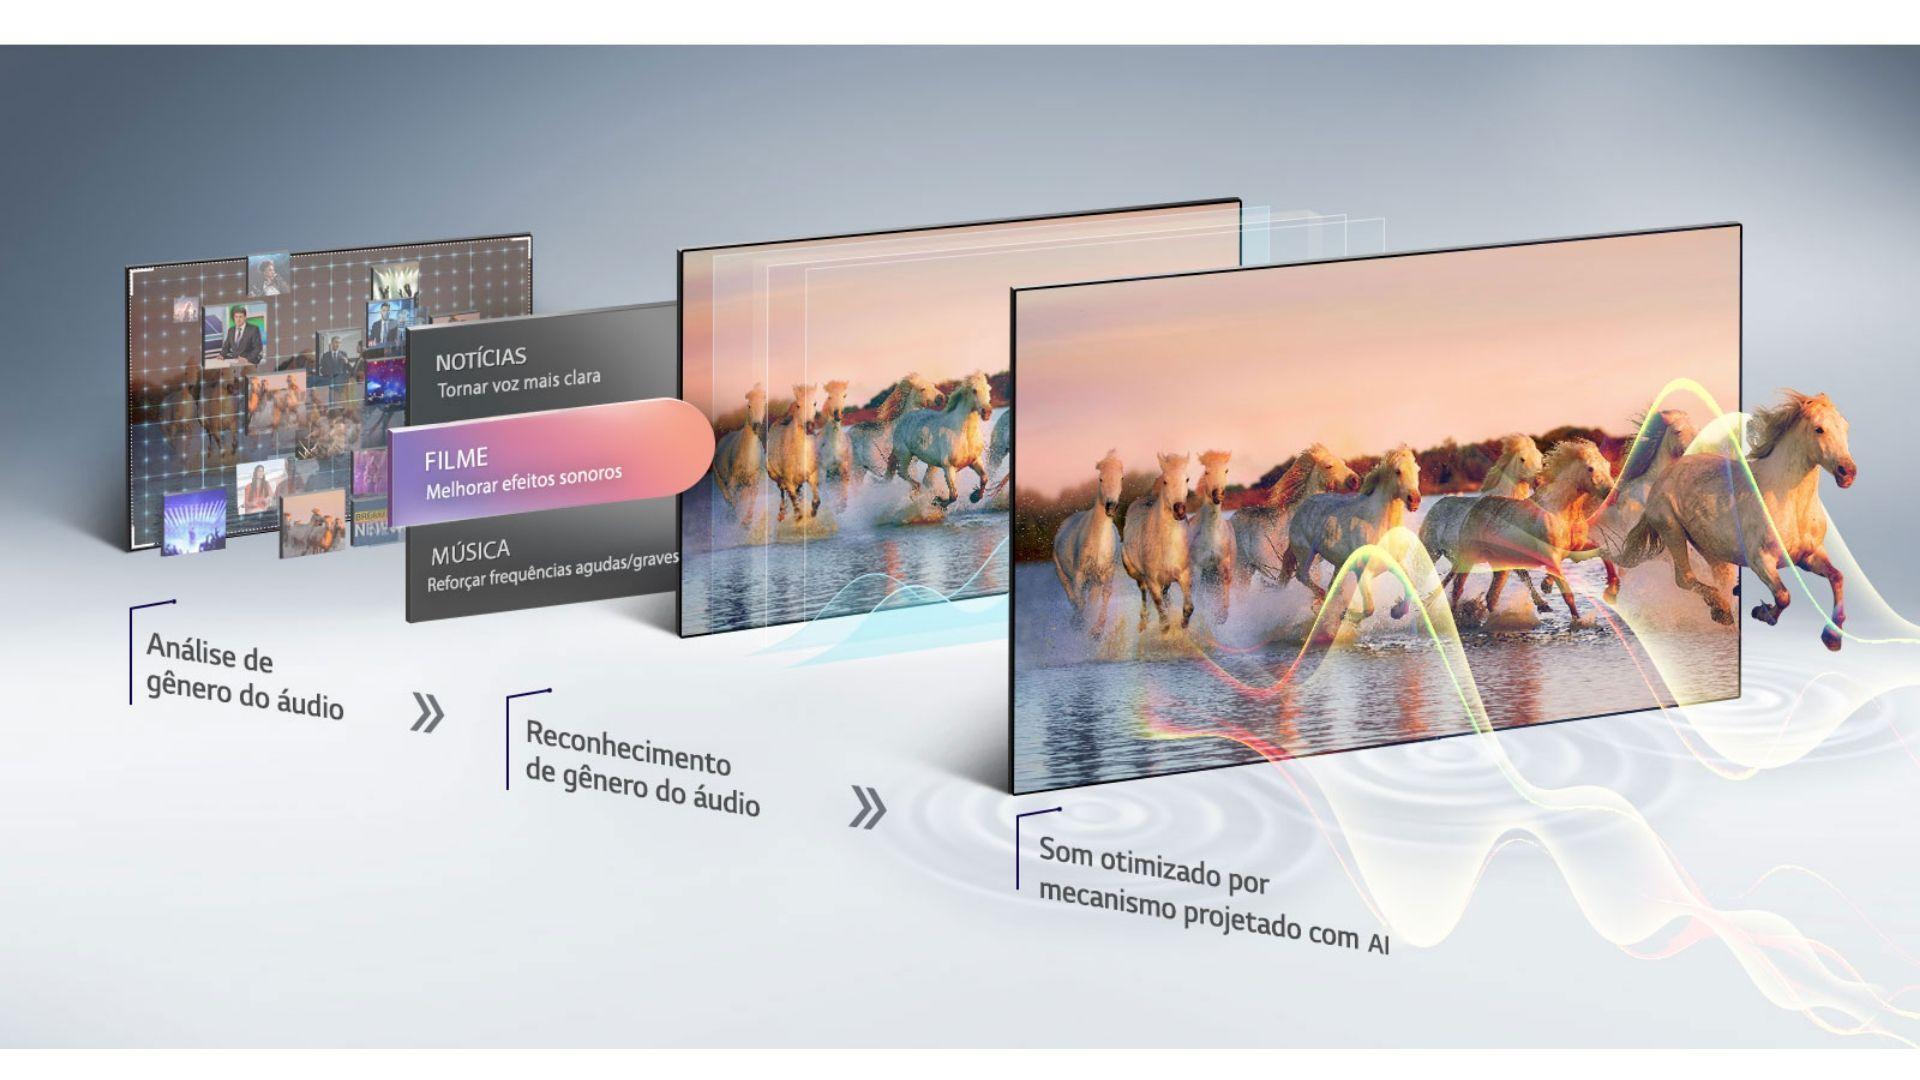 O som das duas linhas de TV da LG é capaz de otimizar o som conforme o conteúdo. (Imagem: Divulgação/LG)